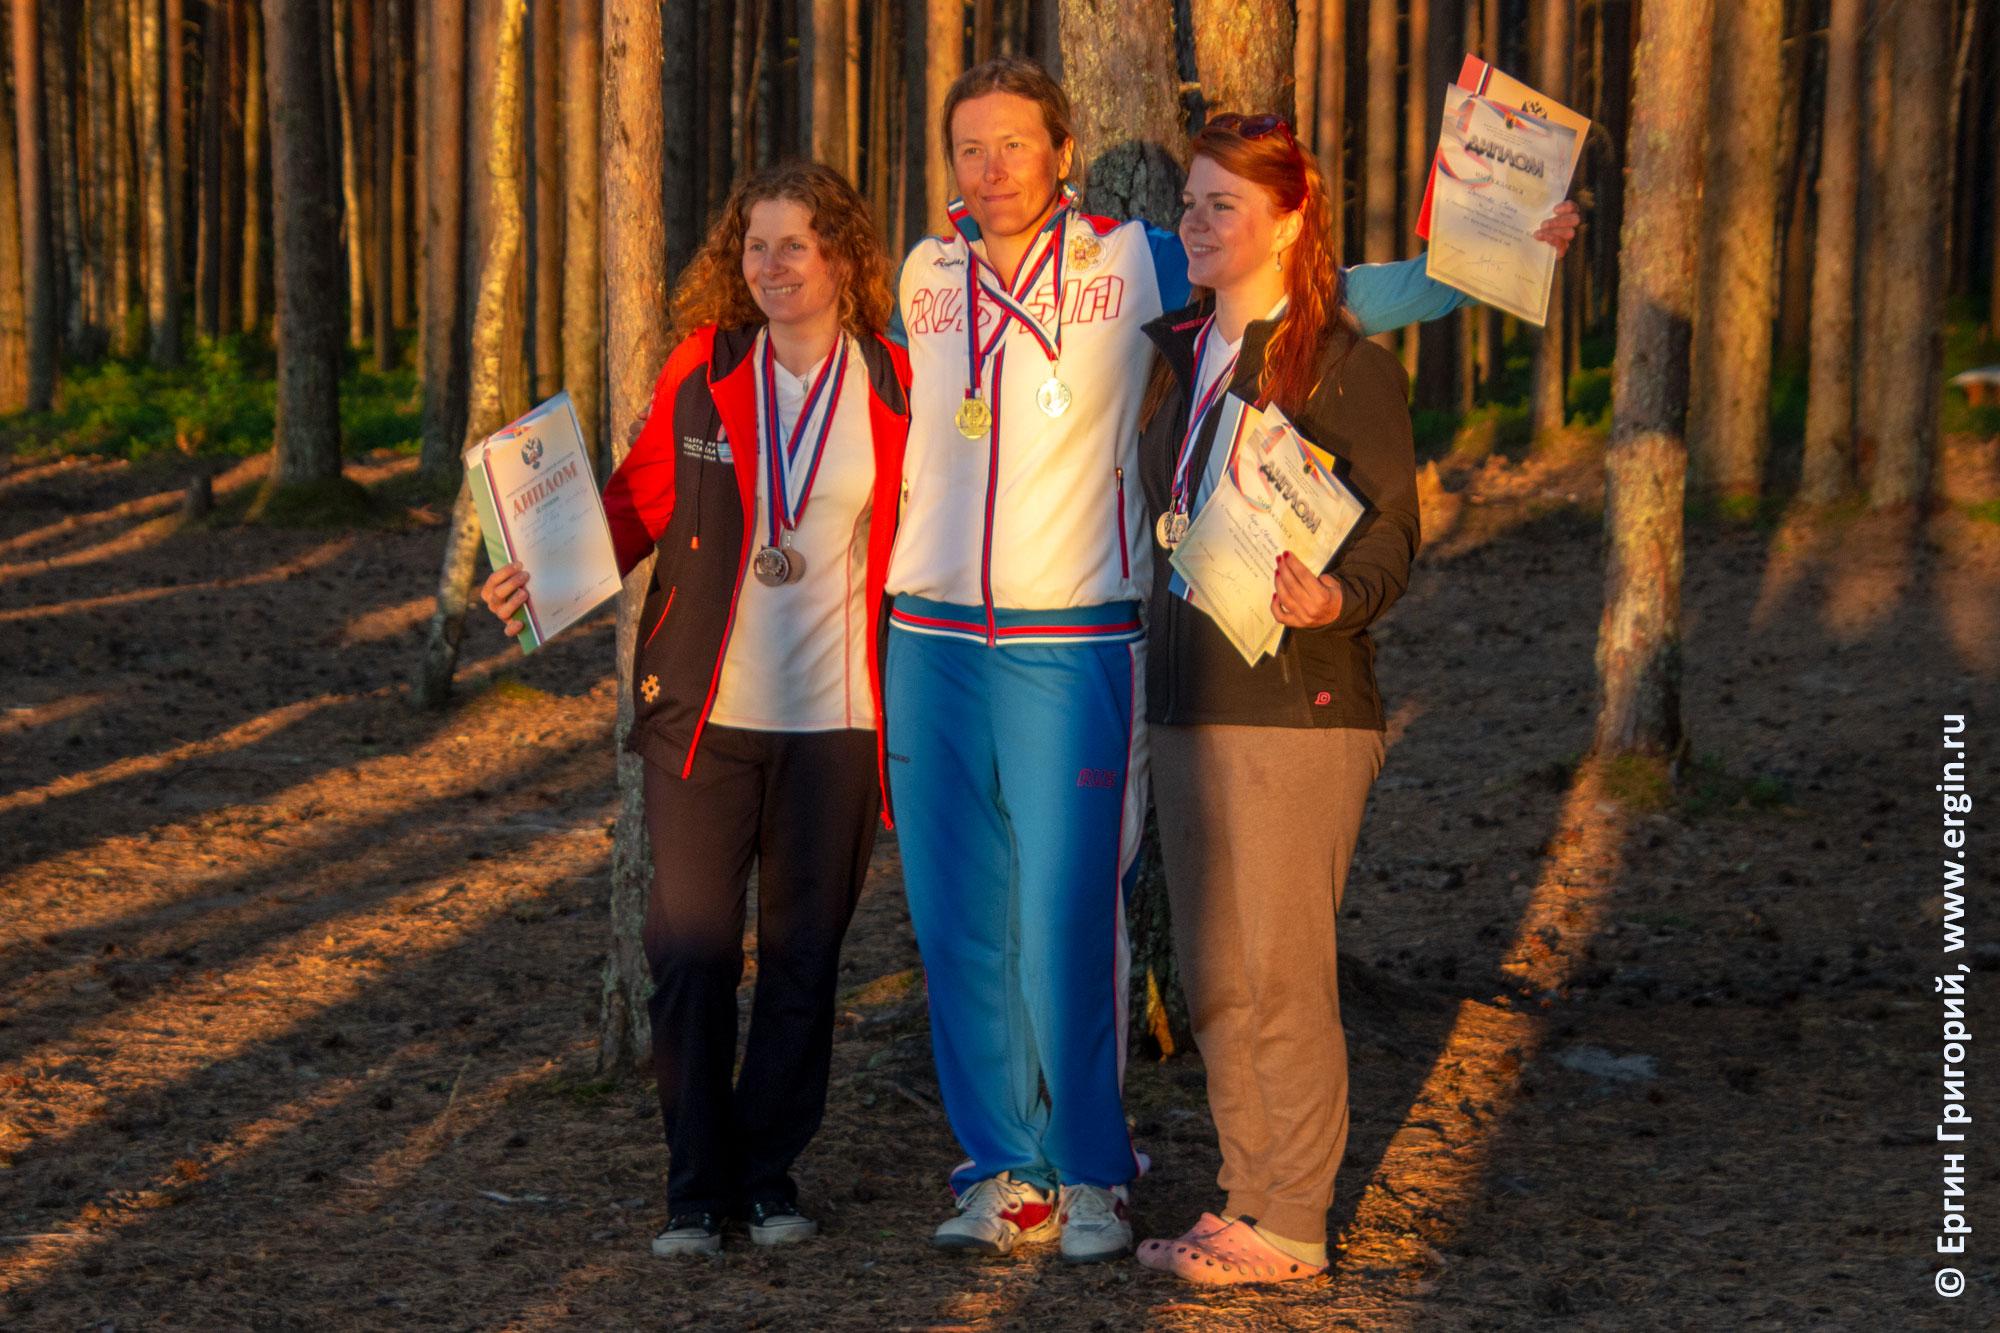 Призеры Чемпионата России по фристайлу на бурной воде в Тивдии в категории К1Ж